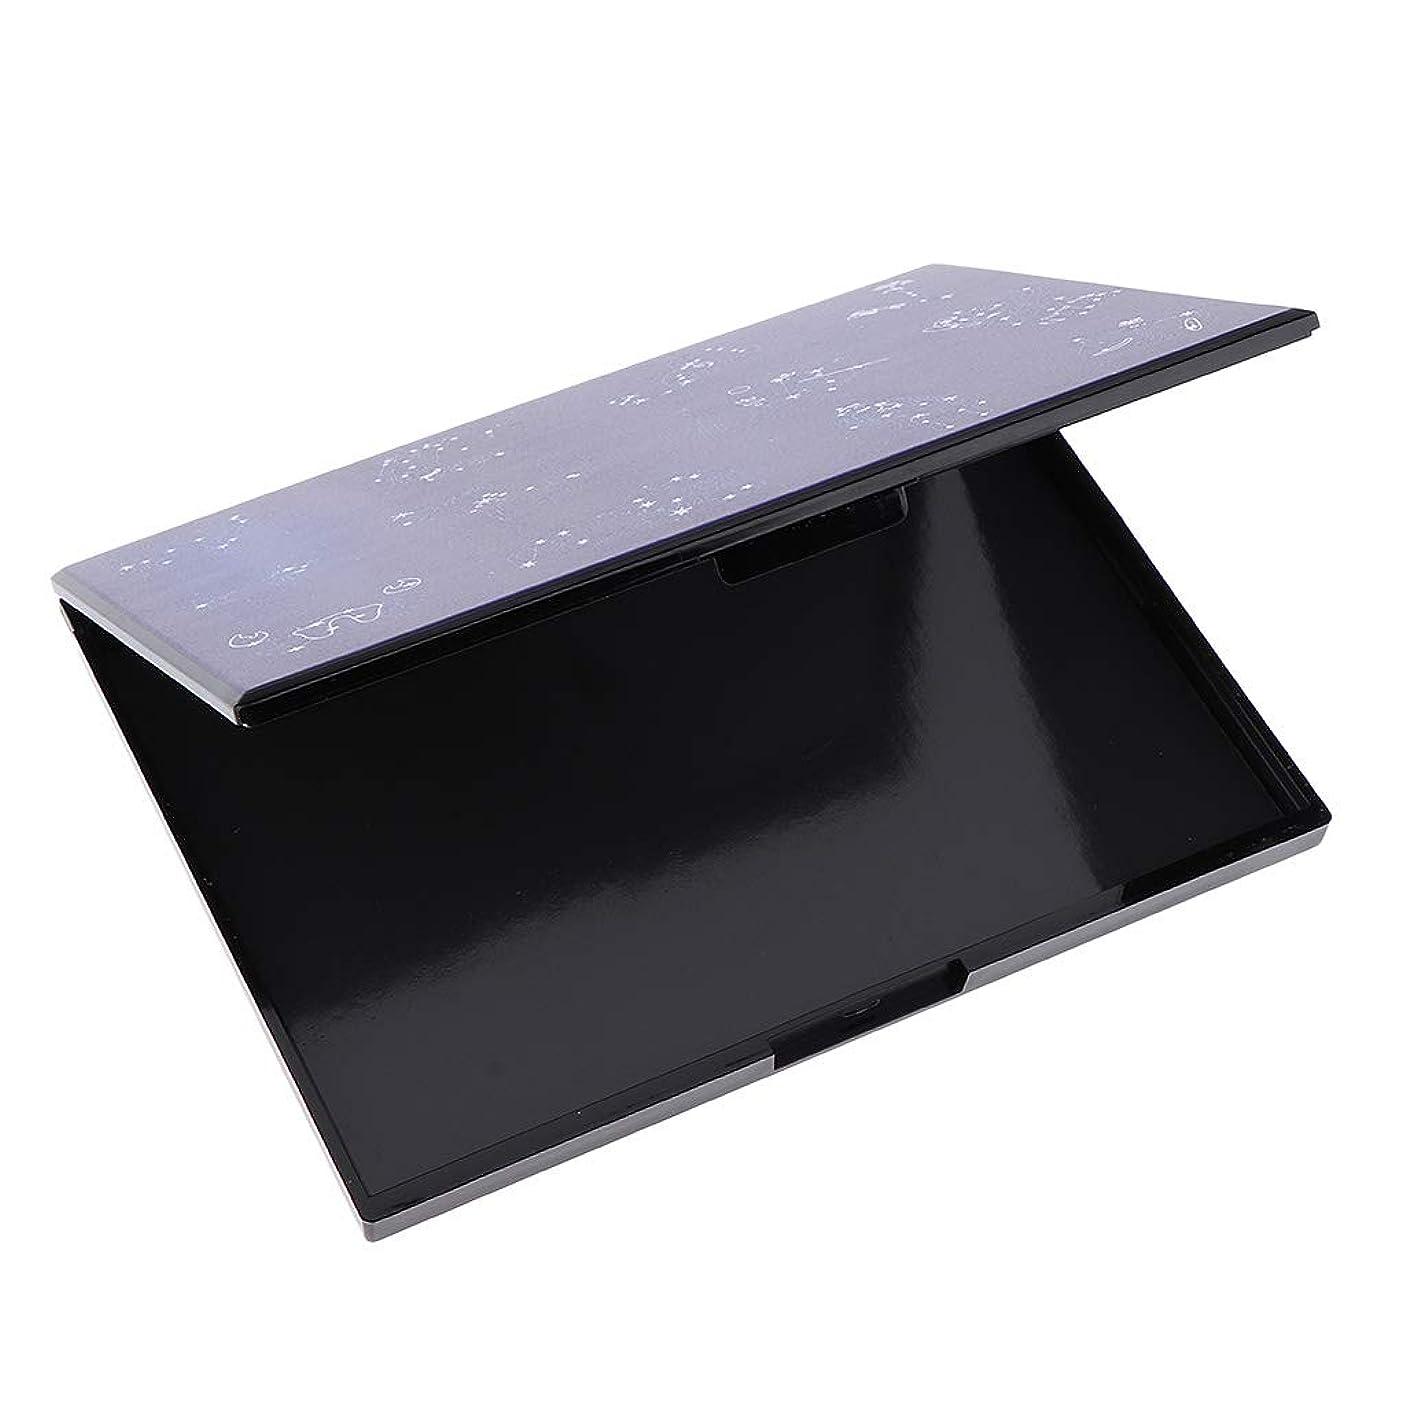 安全なについて衝突Sharplace アイシャドウパレット 磁気パレット ミラー付き 収納ケース 3タイプ選べ - 星座